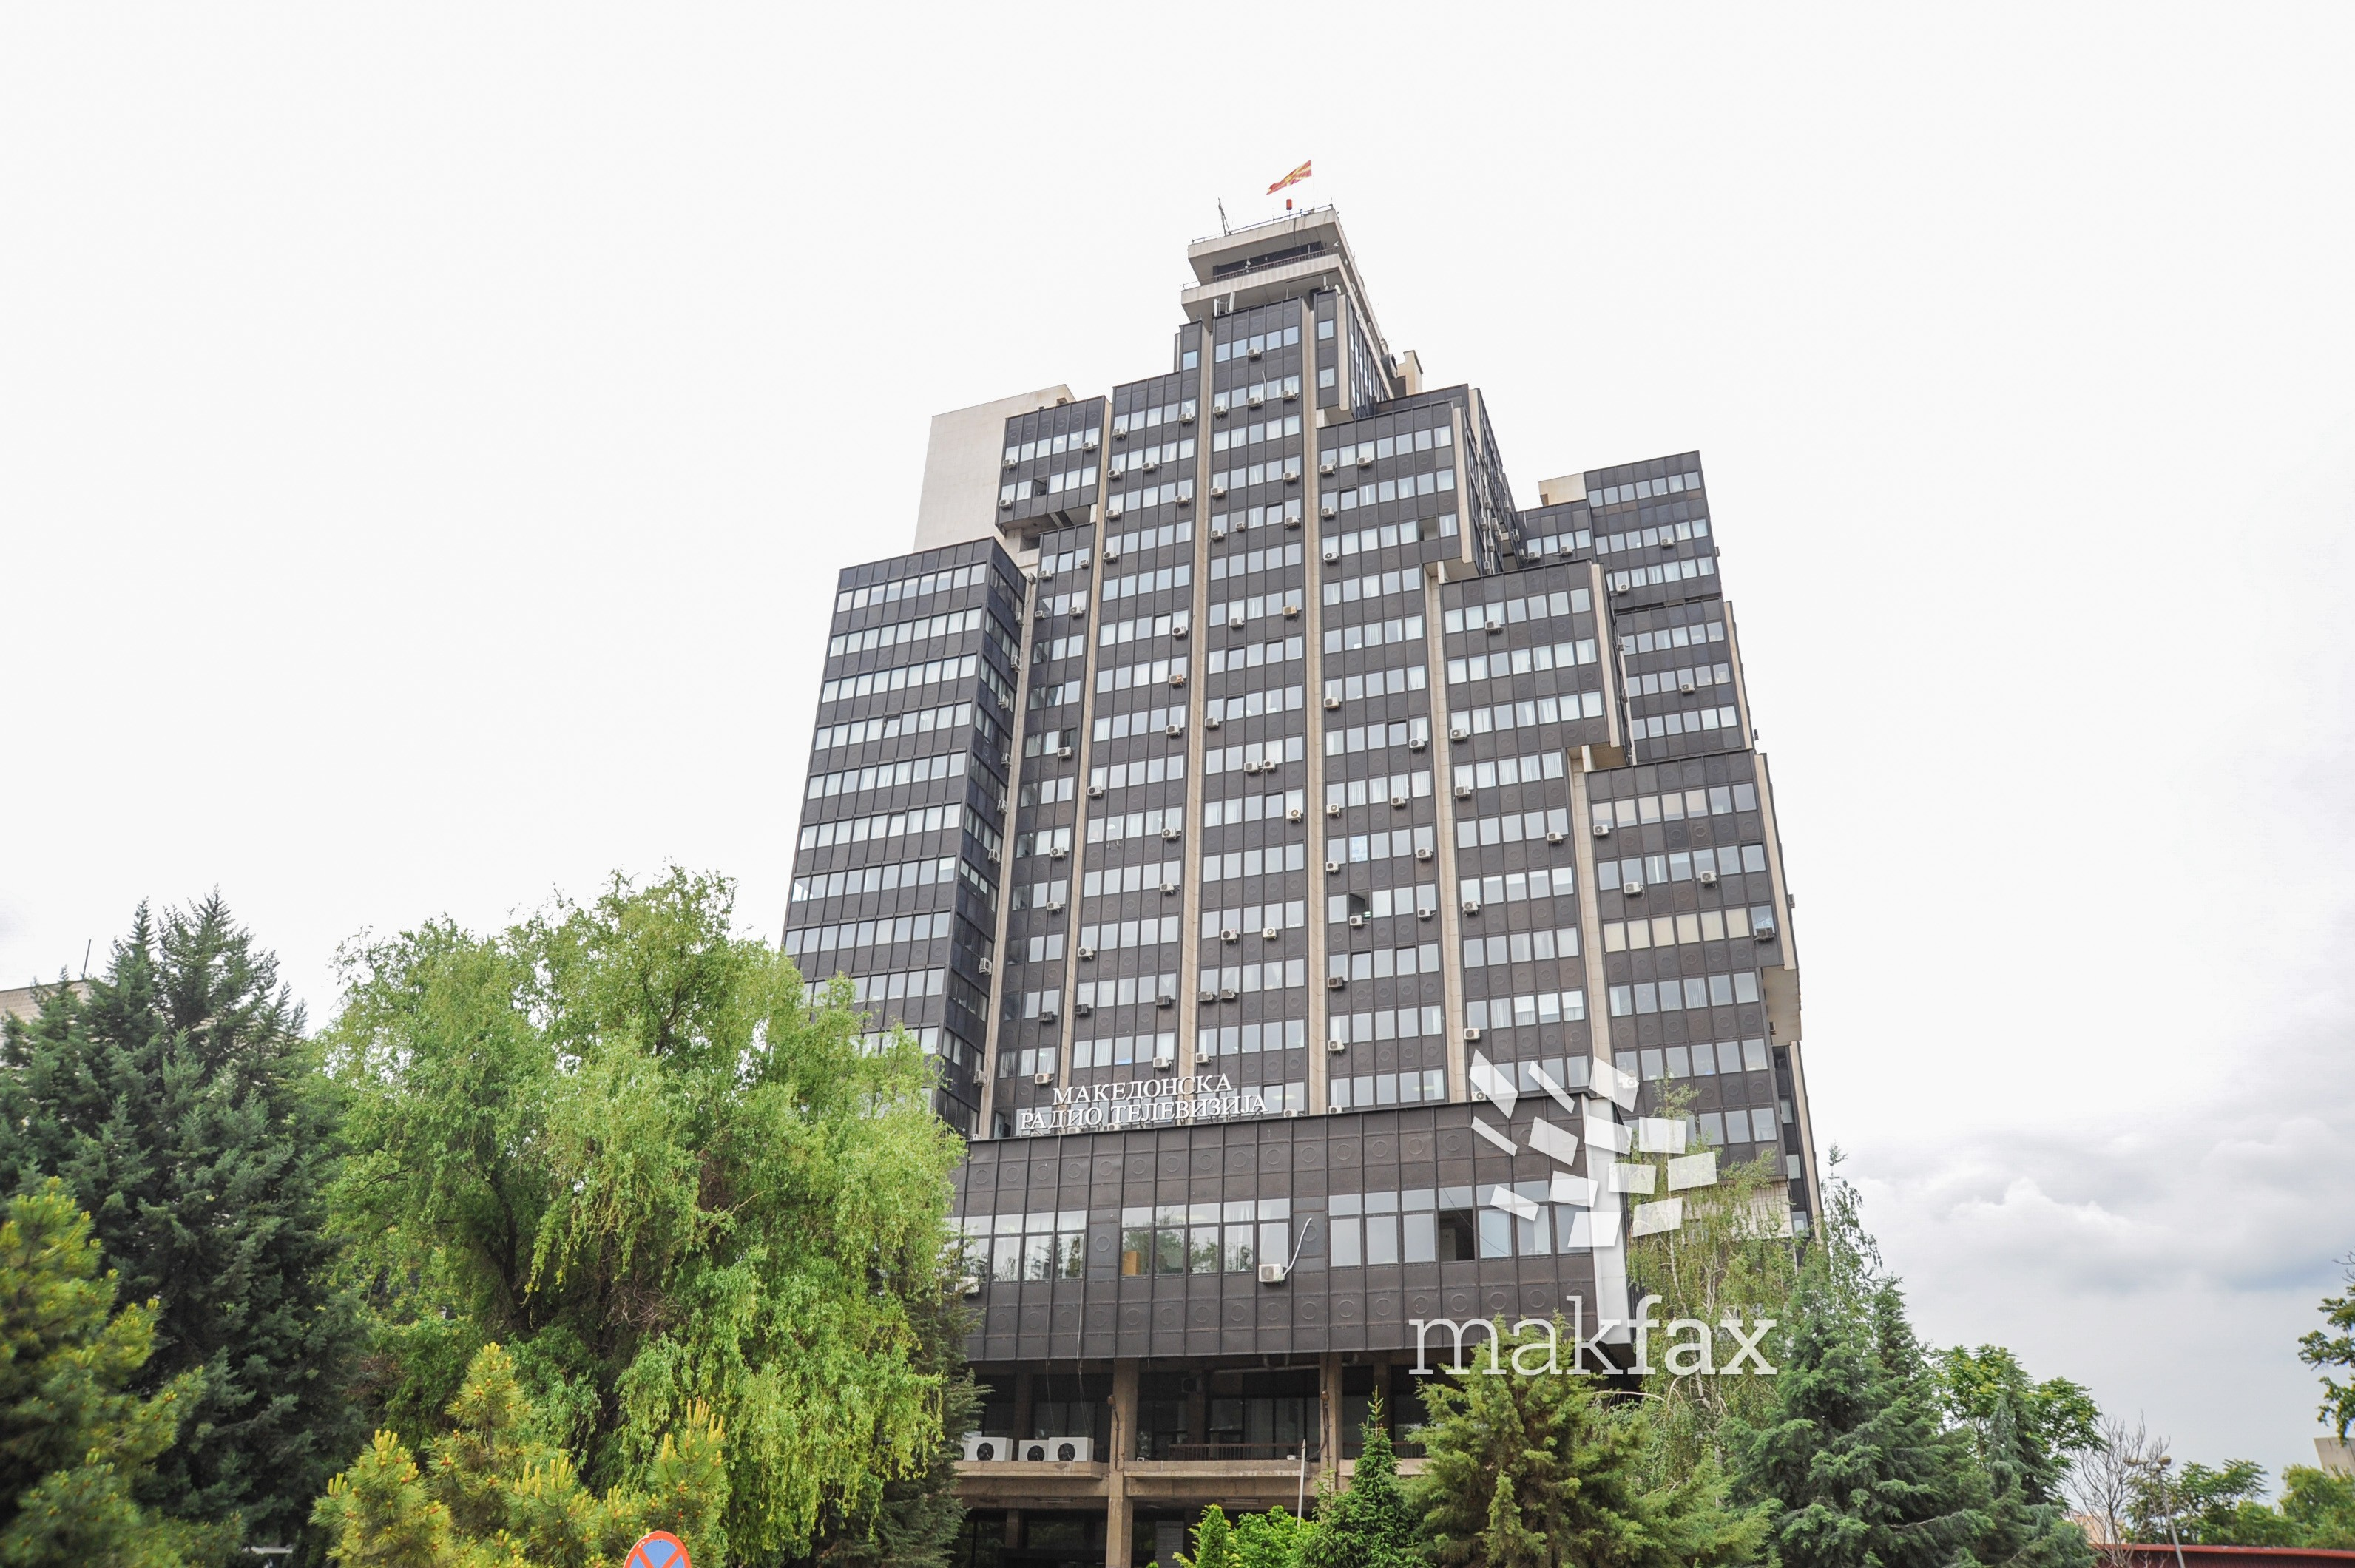 МРТ доби опомена за недоволно емитување сопствена програма  а НОВА зашто не пуштала македонска музика